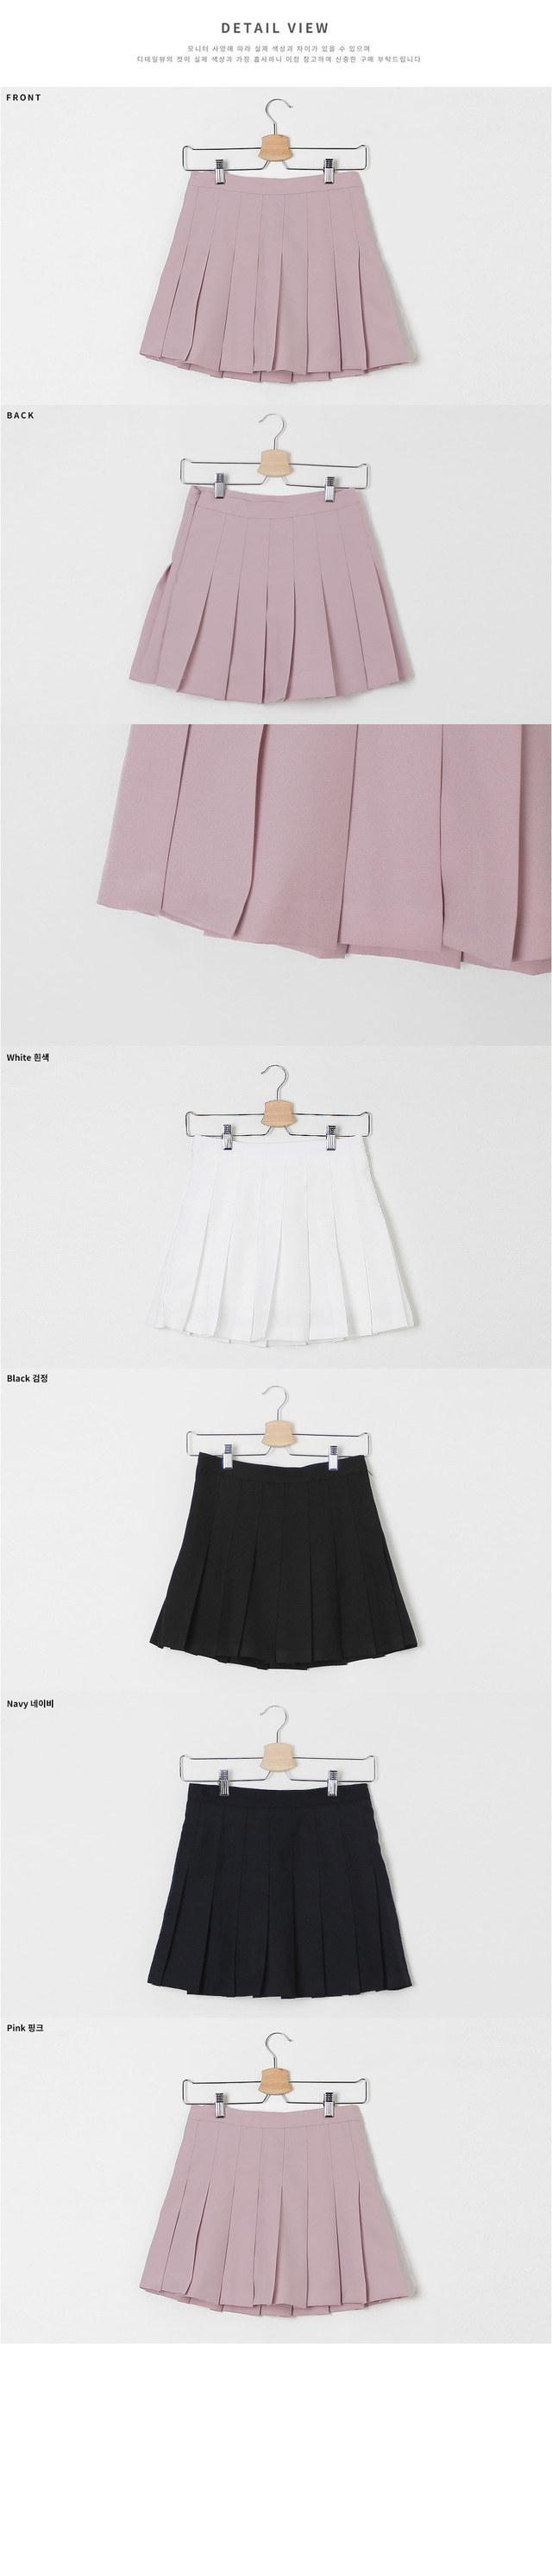 Gully's tennis skirt